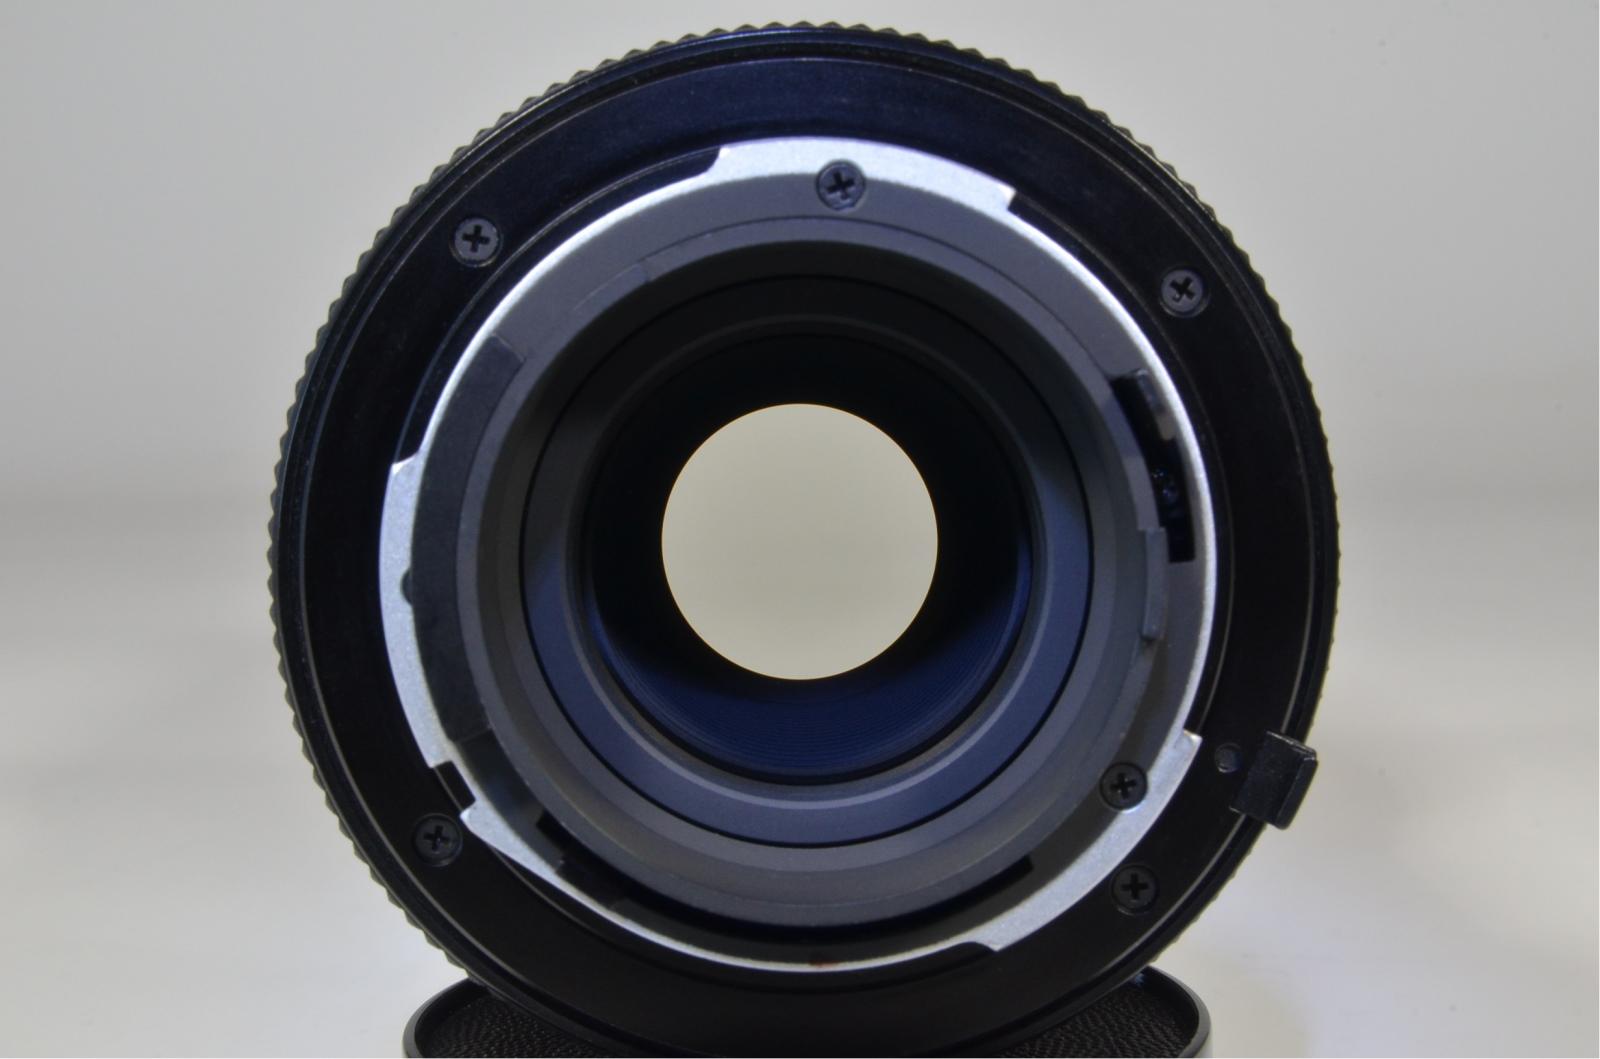 contax carl zeiss t* vario-sonnar 80-200mm f/4 mmj